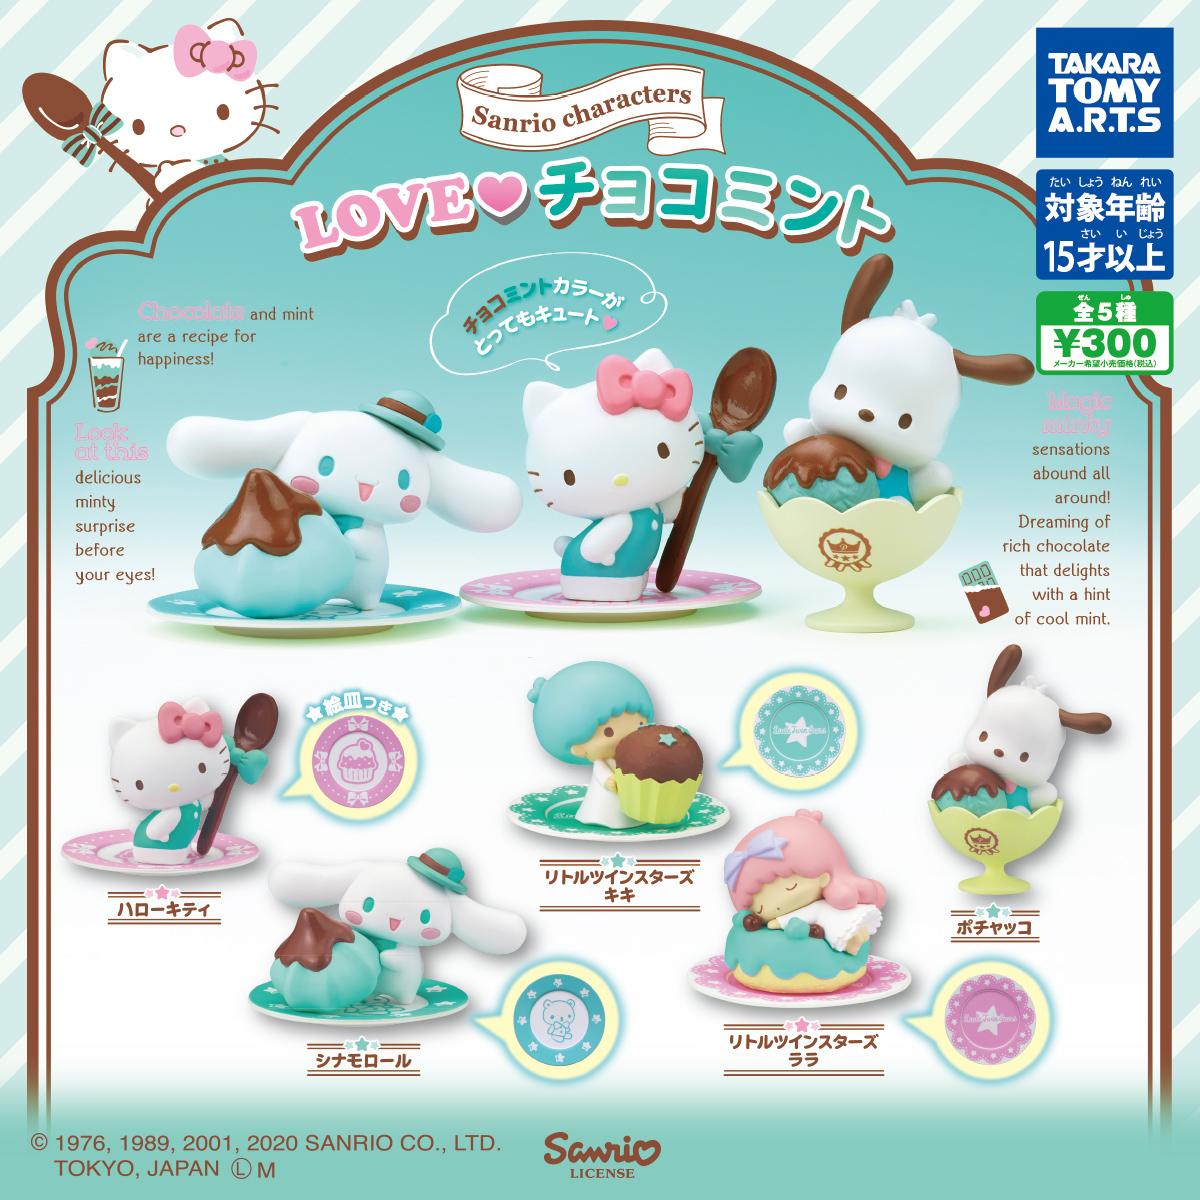 『サンリオ』チョコミント尽くしのカプセルトイ発売中!キャラごとにデザインの違う絵皿も付属